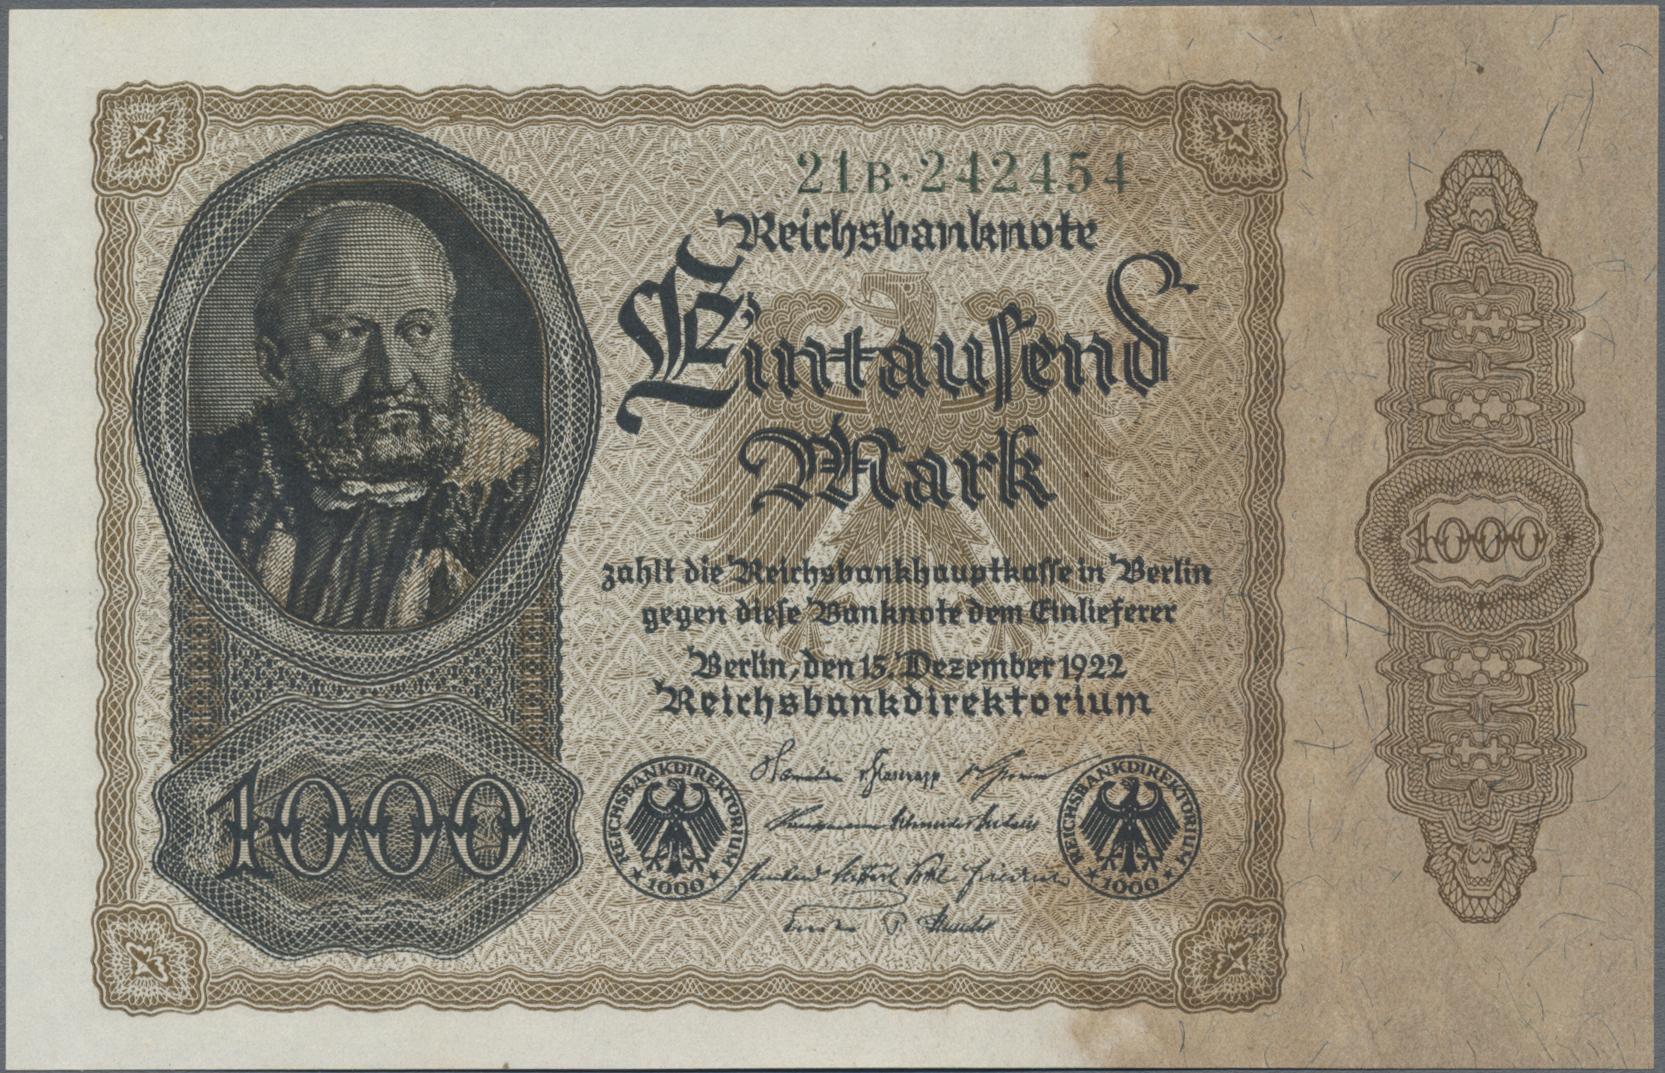 Lot 03330 - Deutschland - Deutsches Reich bis 1945 | Banknoten  -  Auktionshaus Christoph Gärtner GmbH & Co. KG Sale #45 Banknotes Germany/Numismatics